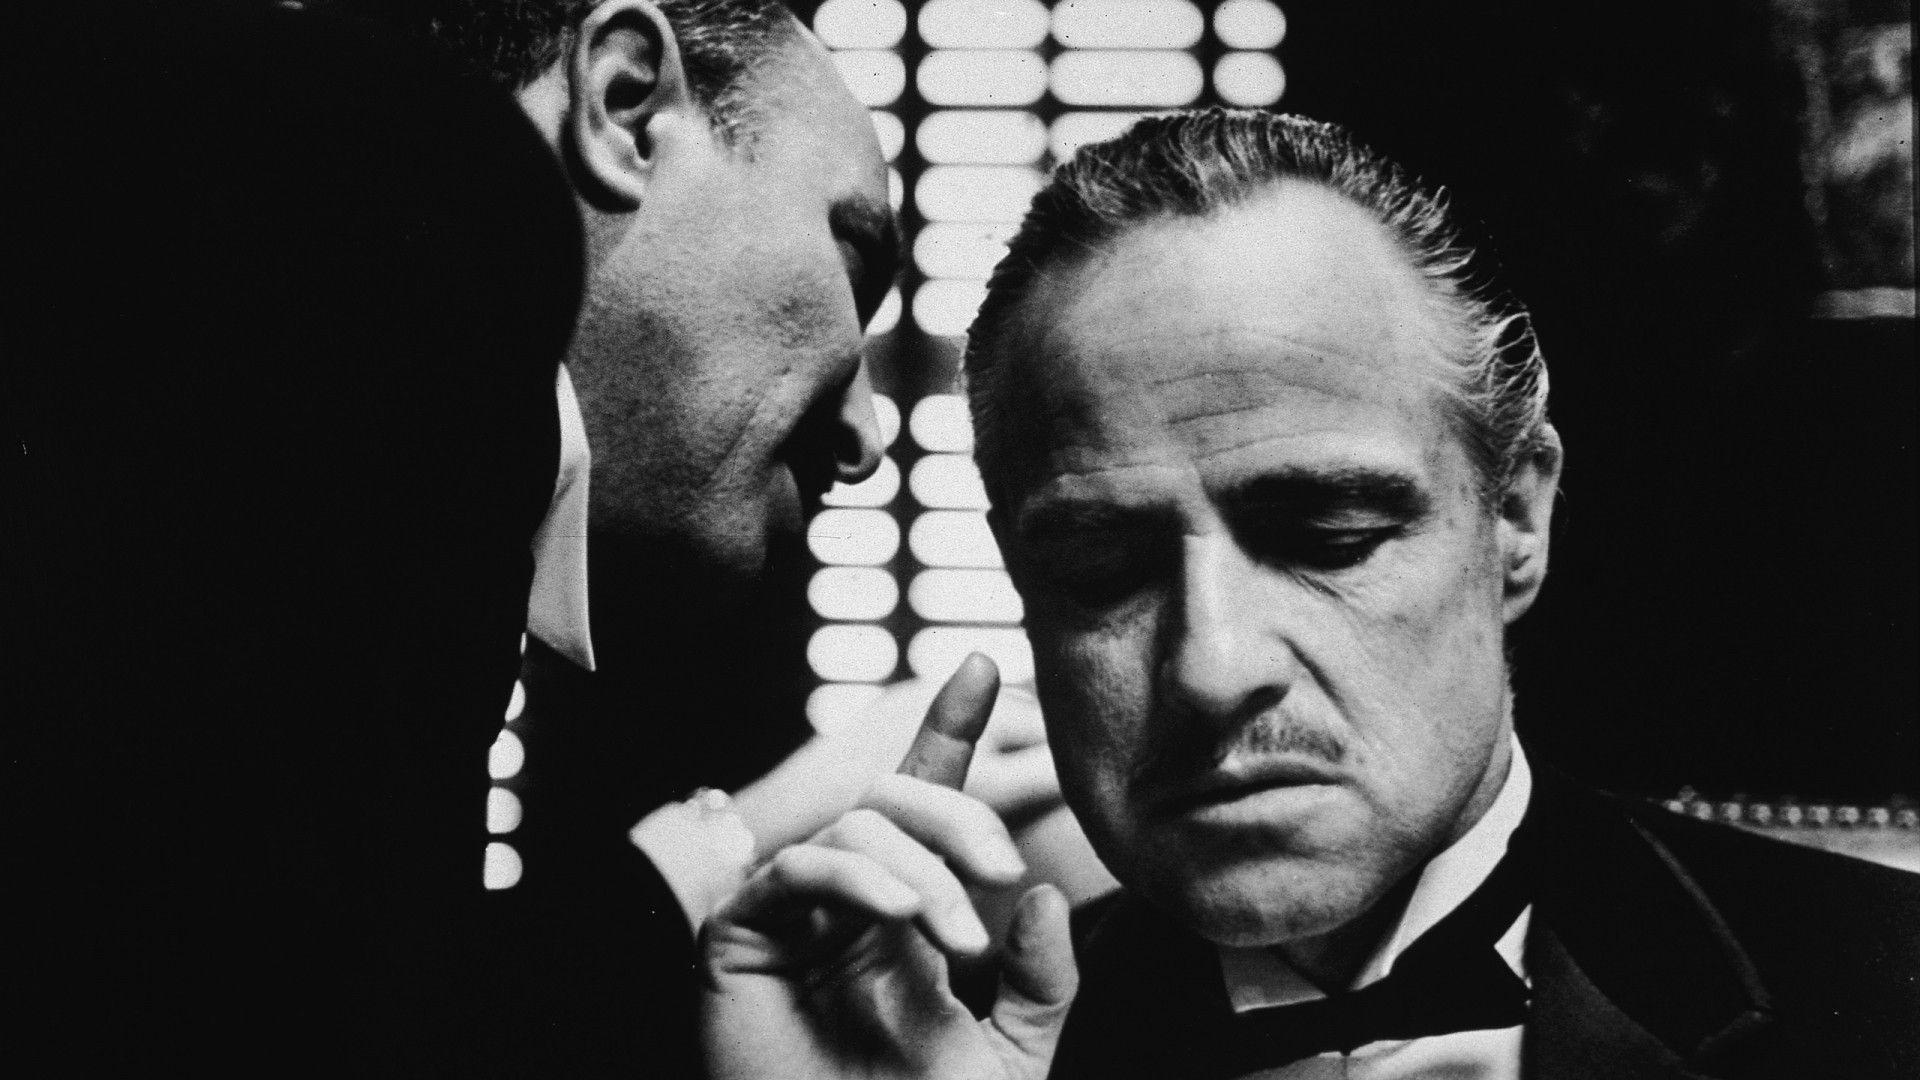 Movies The Godfather Monochrome Vito Corleone Marlon Brando